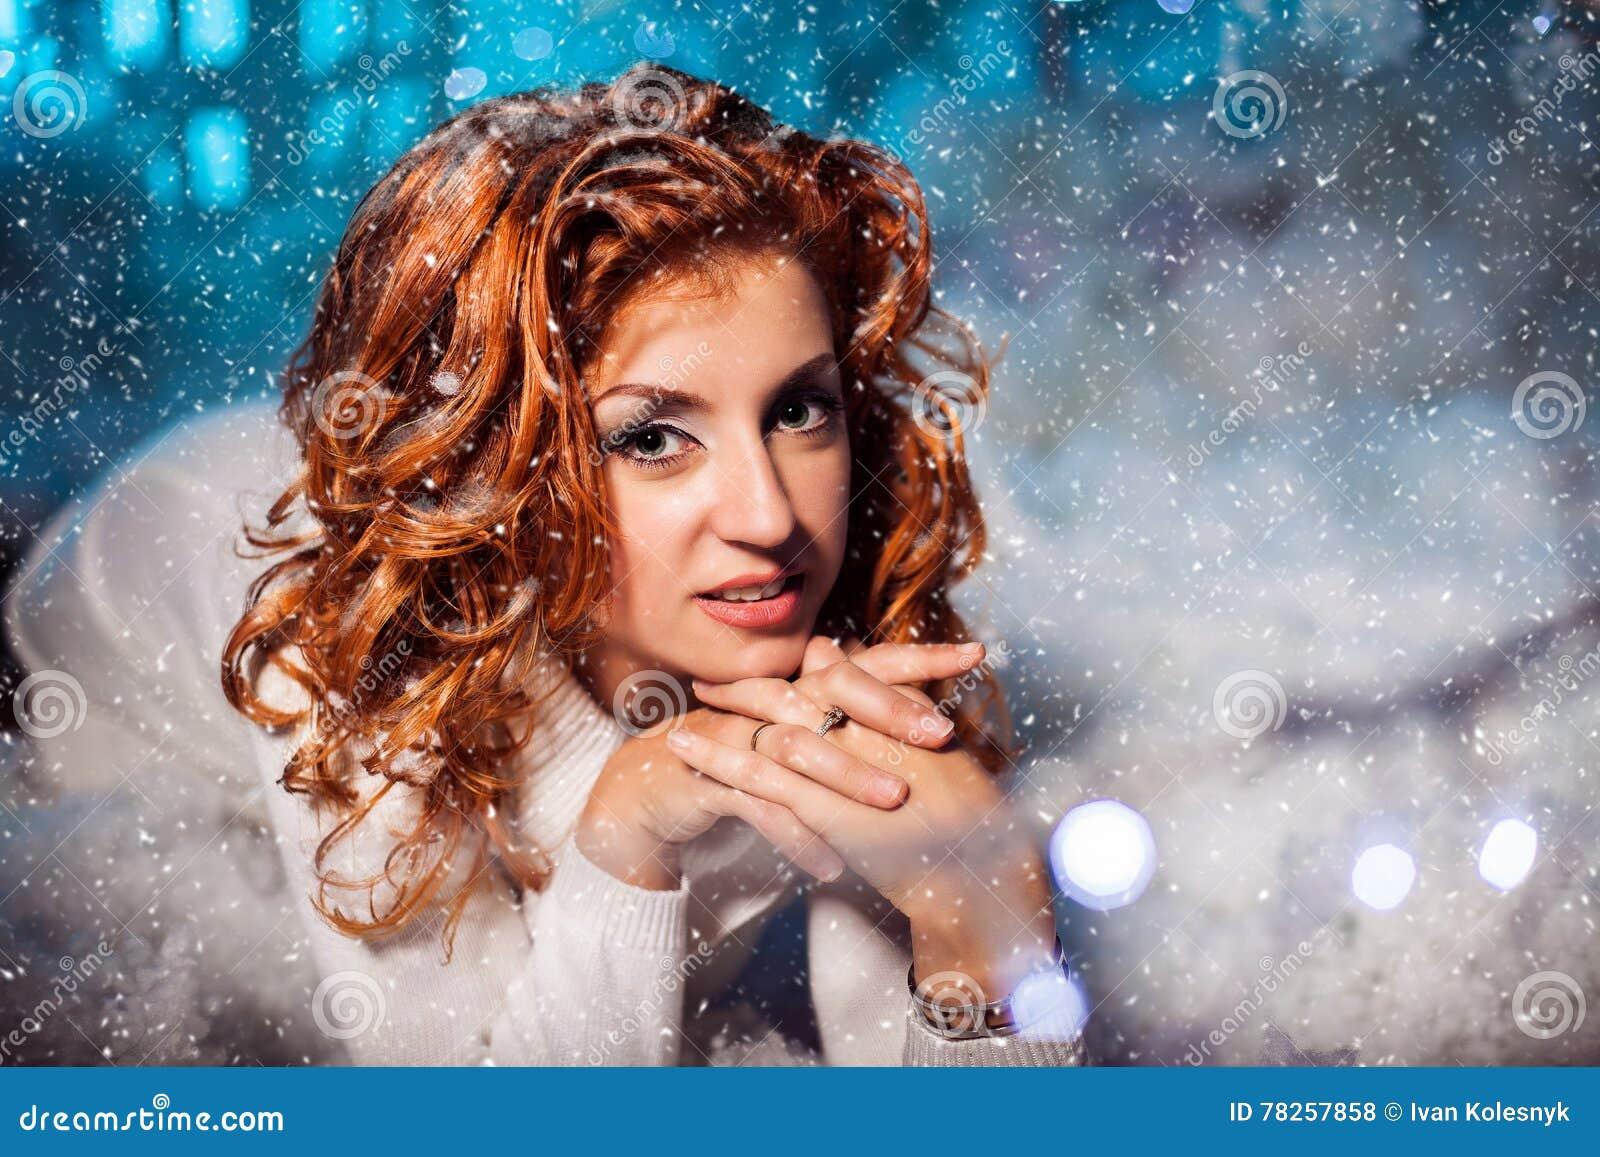 Ελκυστικό κόκκινο επικεφαλής κορίτσι που γονατίζει και σε τα τέσσερα μεταξύ snowdrift